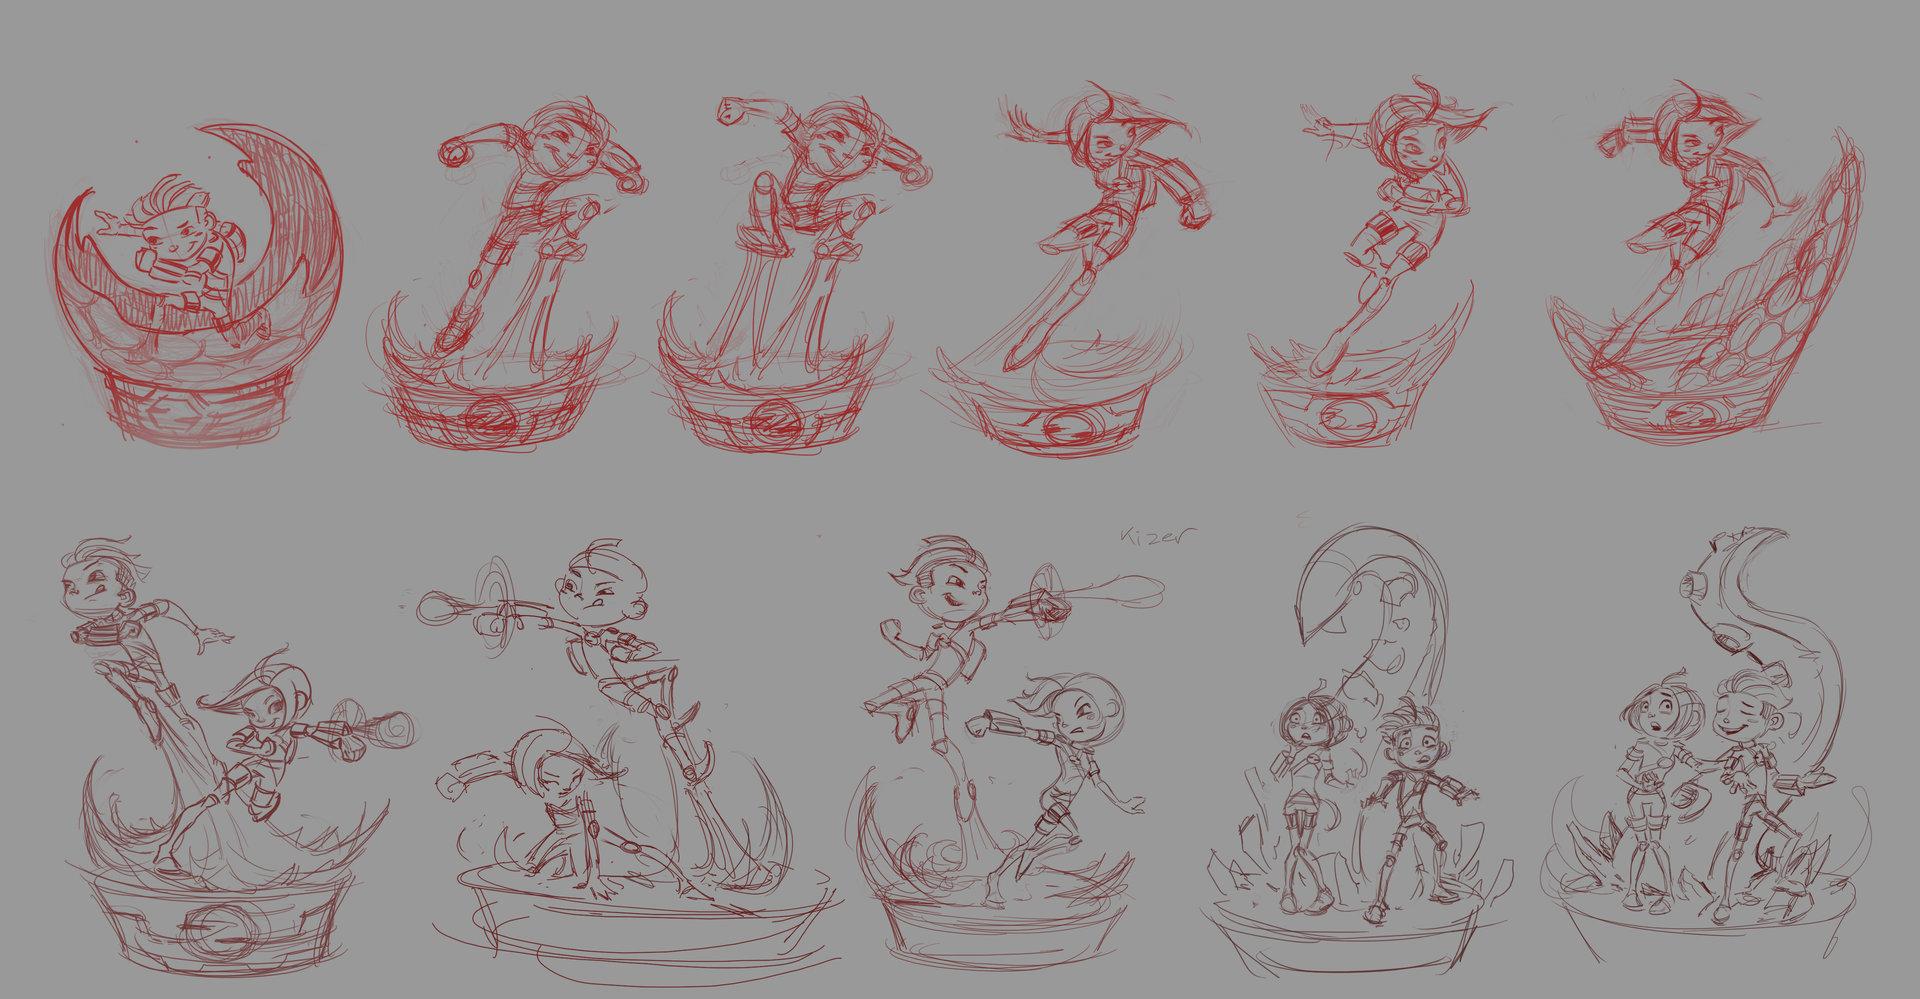 Jose cua 001 sketches 01